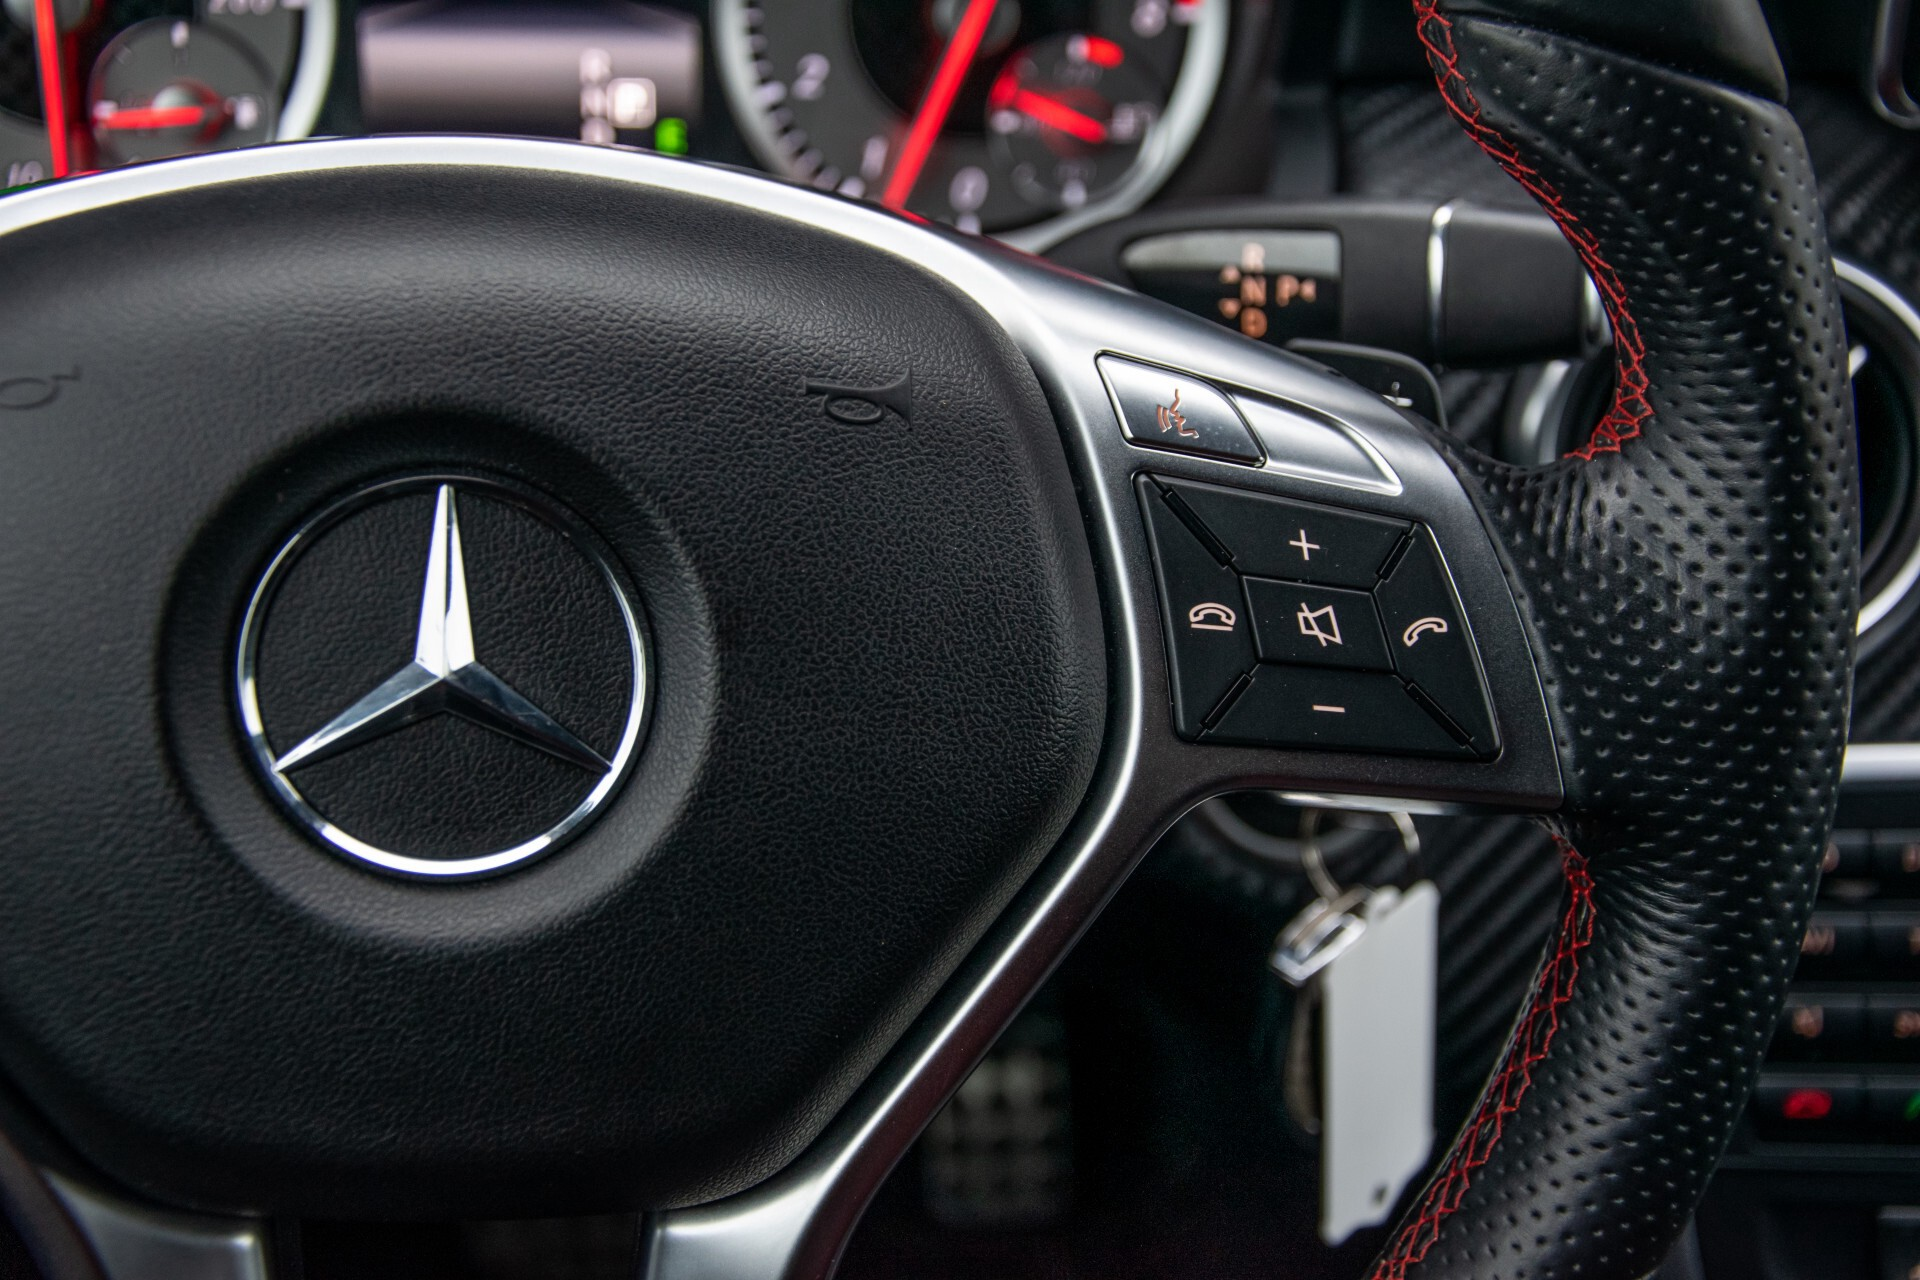 Mercedes-Benz A-Klasse 180 AMG Dynamic Handling/Camera/Xenon/Navi/Privacy Aut7 Foto 15